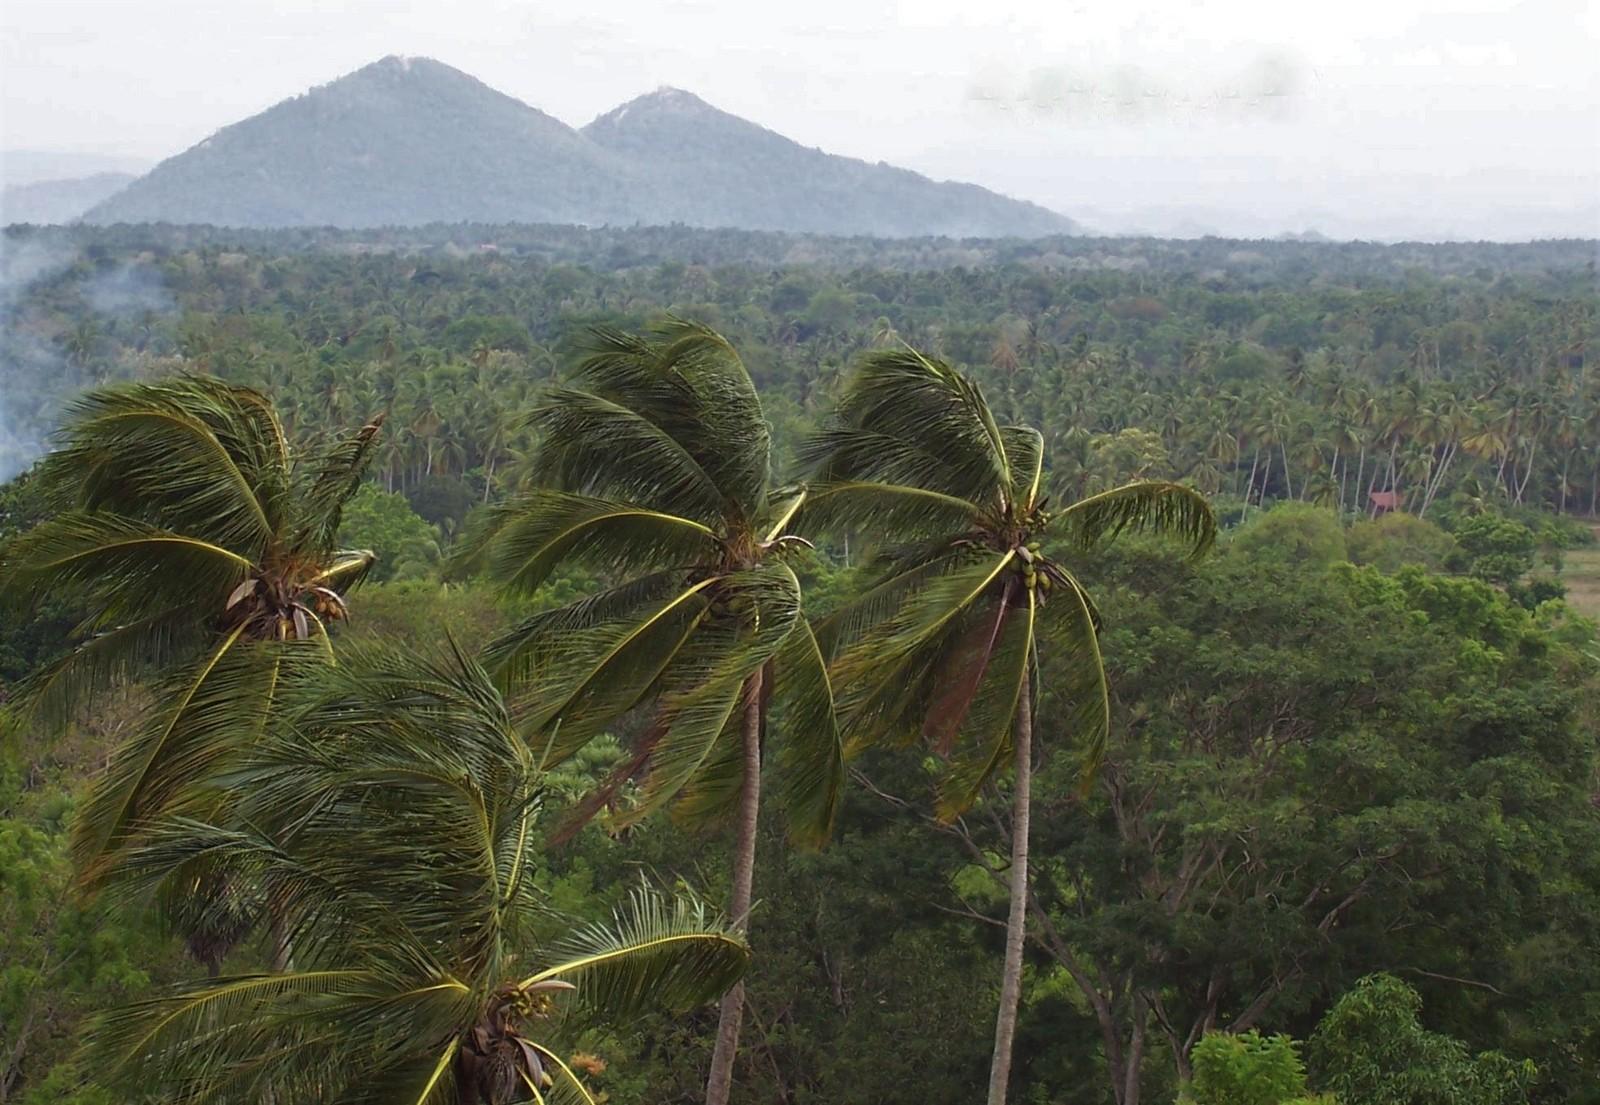 Gegend um die Felsenfestung Yapahuwa - Ceylon